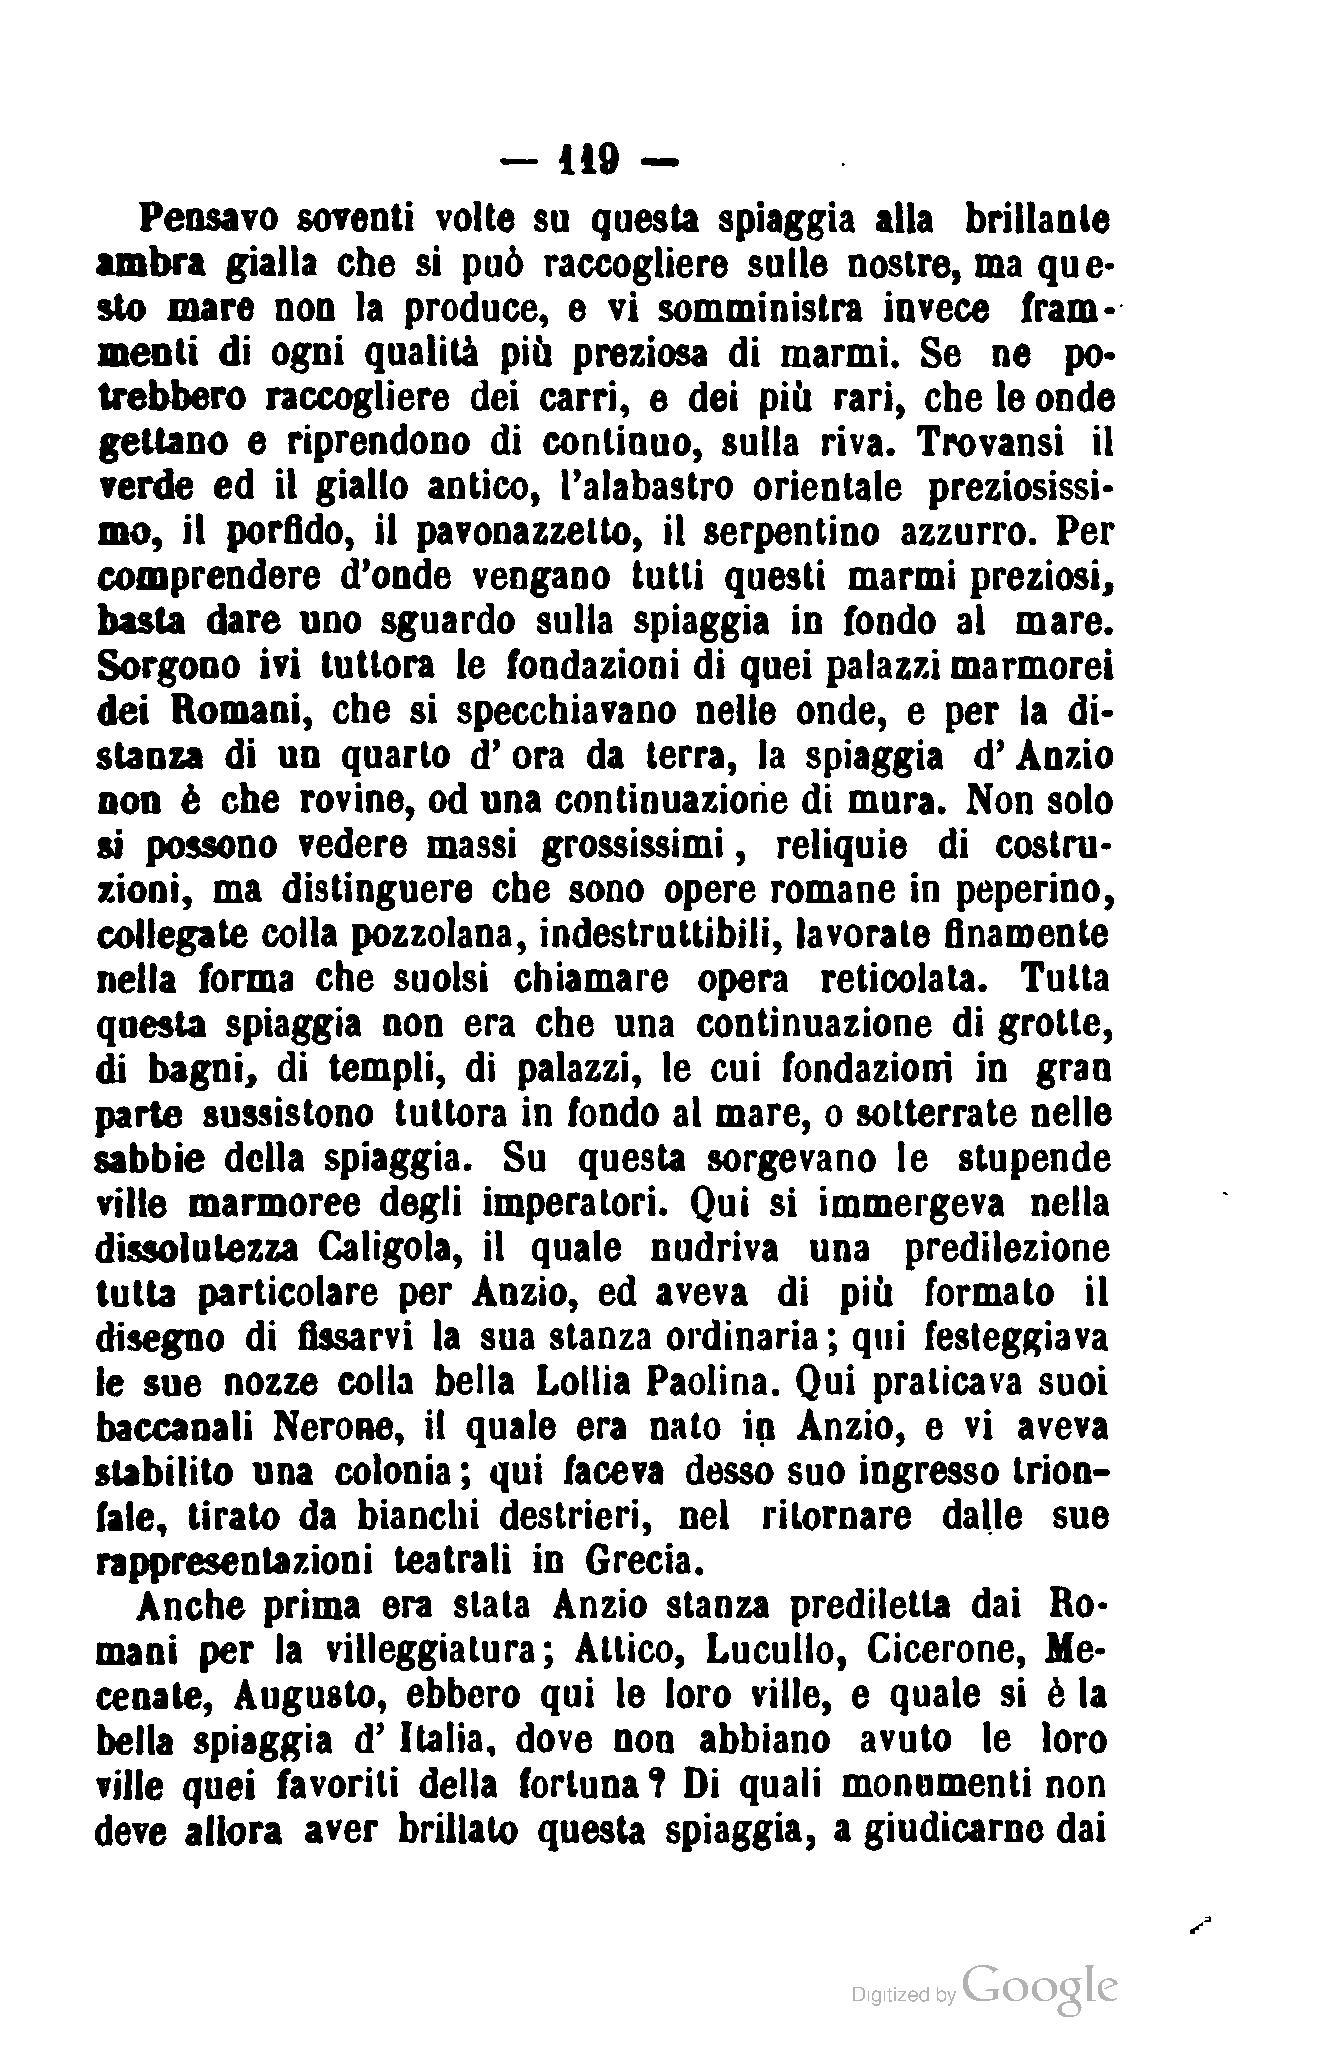 Pagina:Ricordi storici e pittorici d'Italia.djvu/119